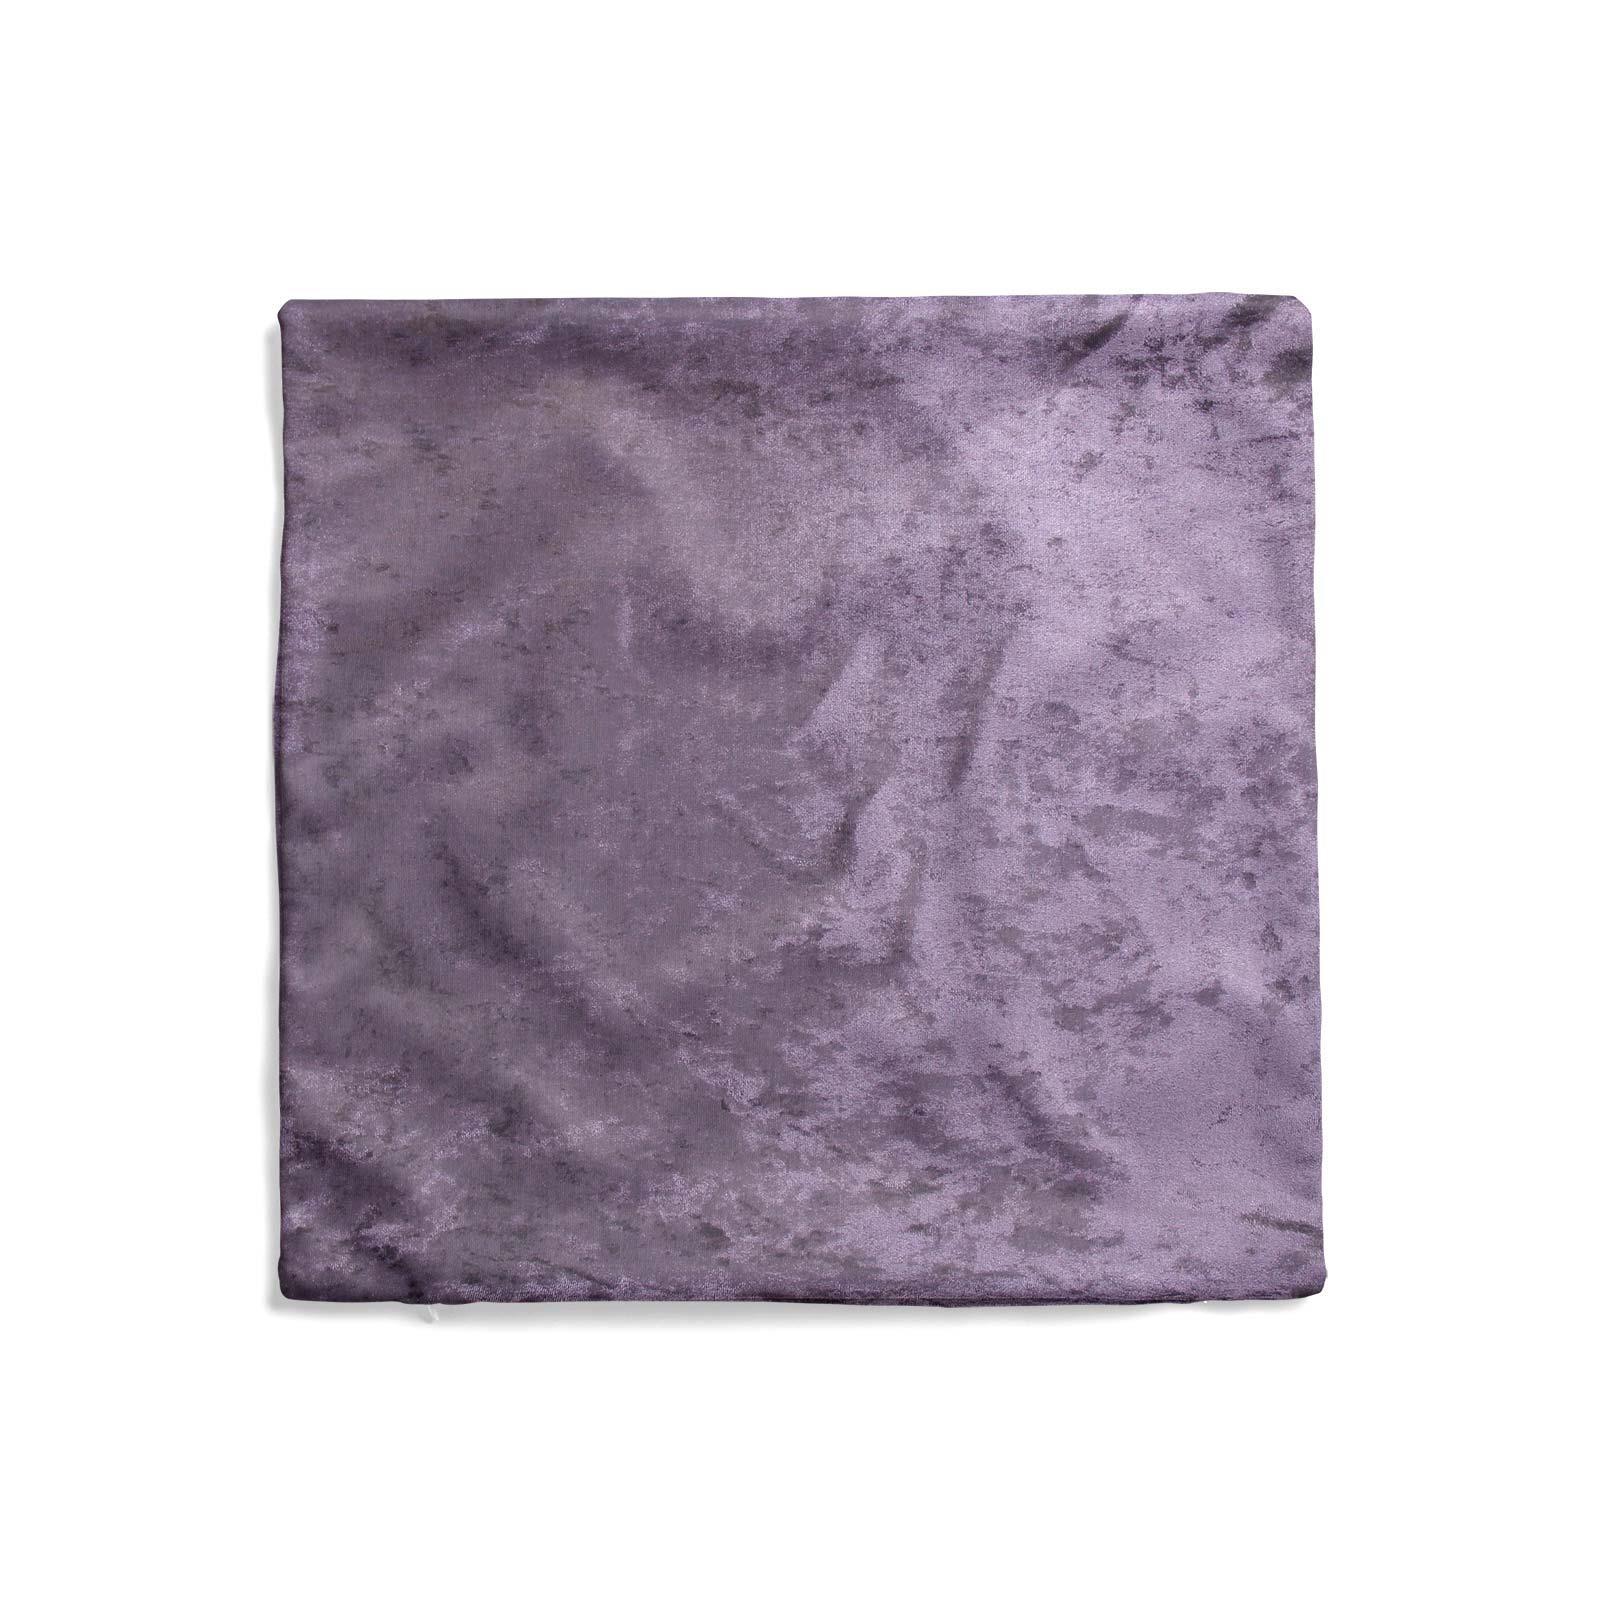 Cuscino-di-velluto-schiacciato-copre-GLAM-Tinta-Unita-Copricuscino-18-034-x-18-034-45cm-x-45cm miniatura 28